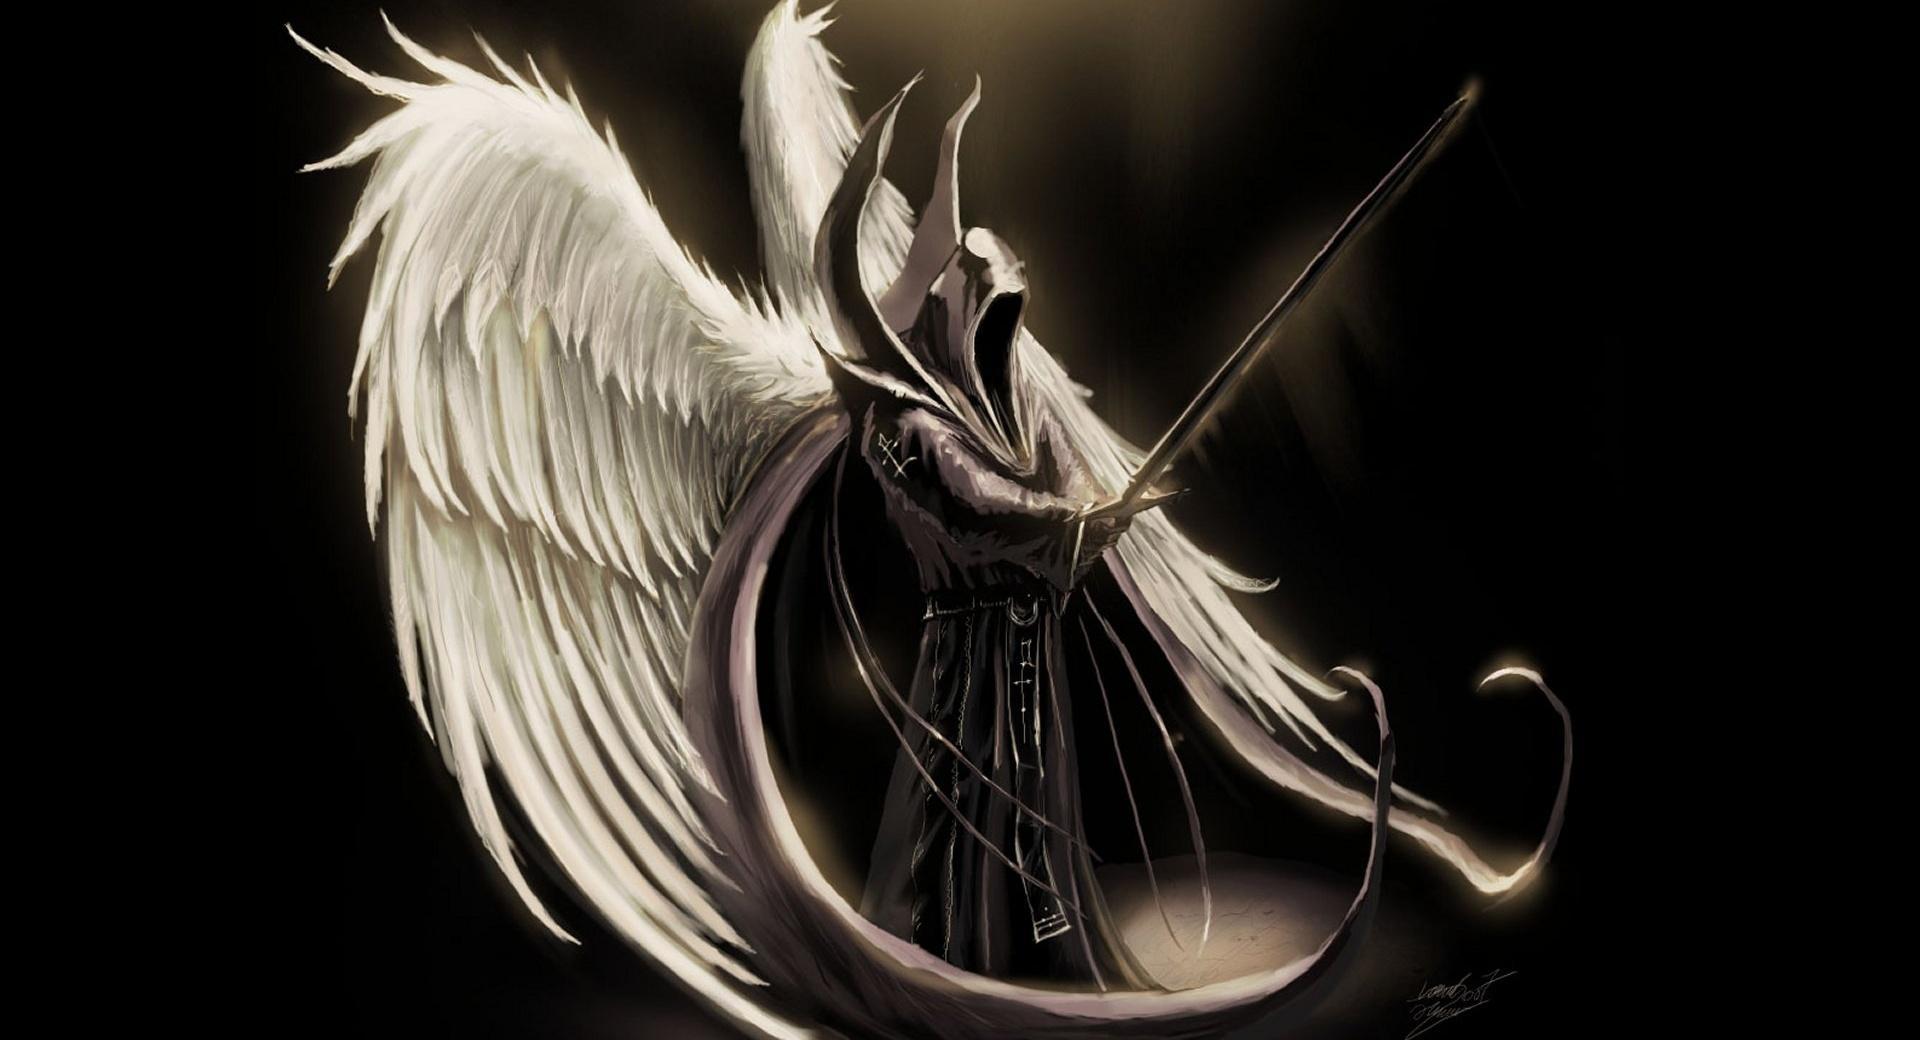 Fallen Angel Art wallpapers HD quality